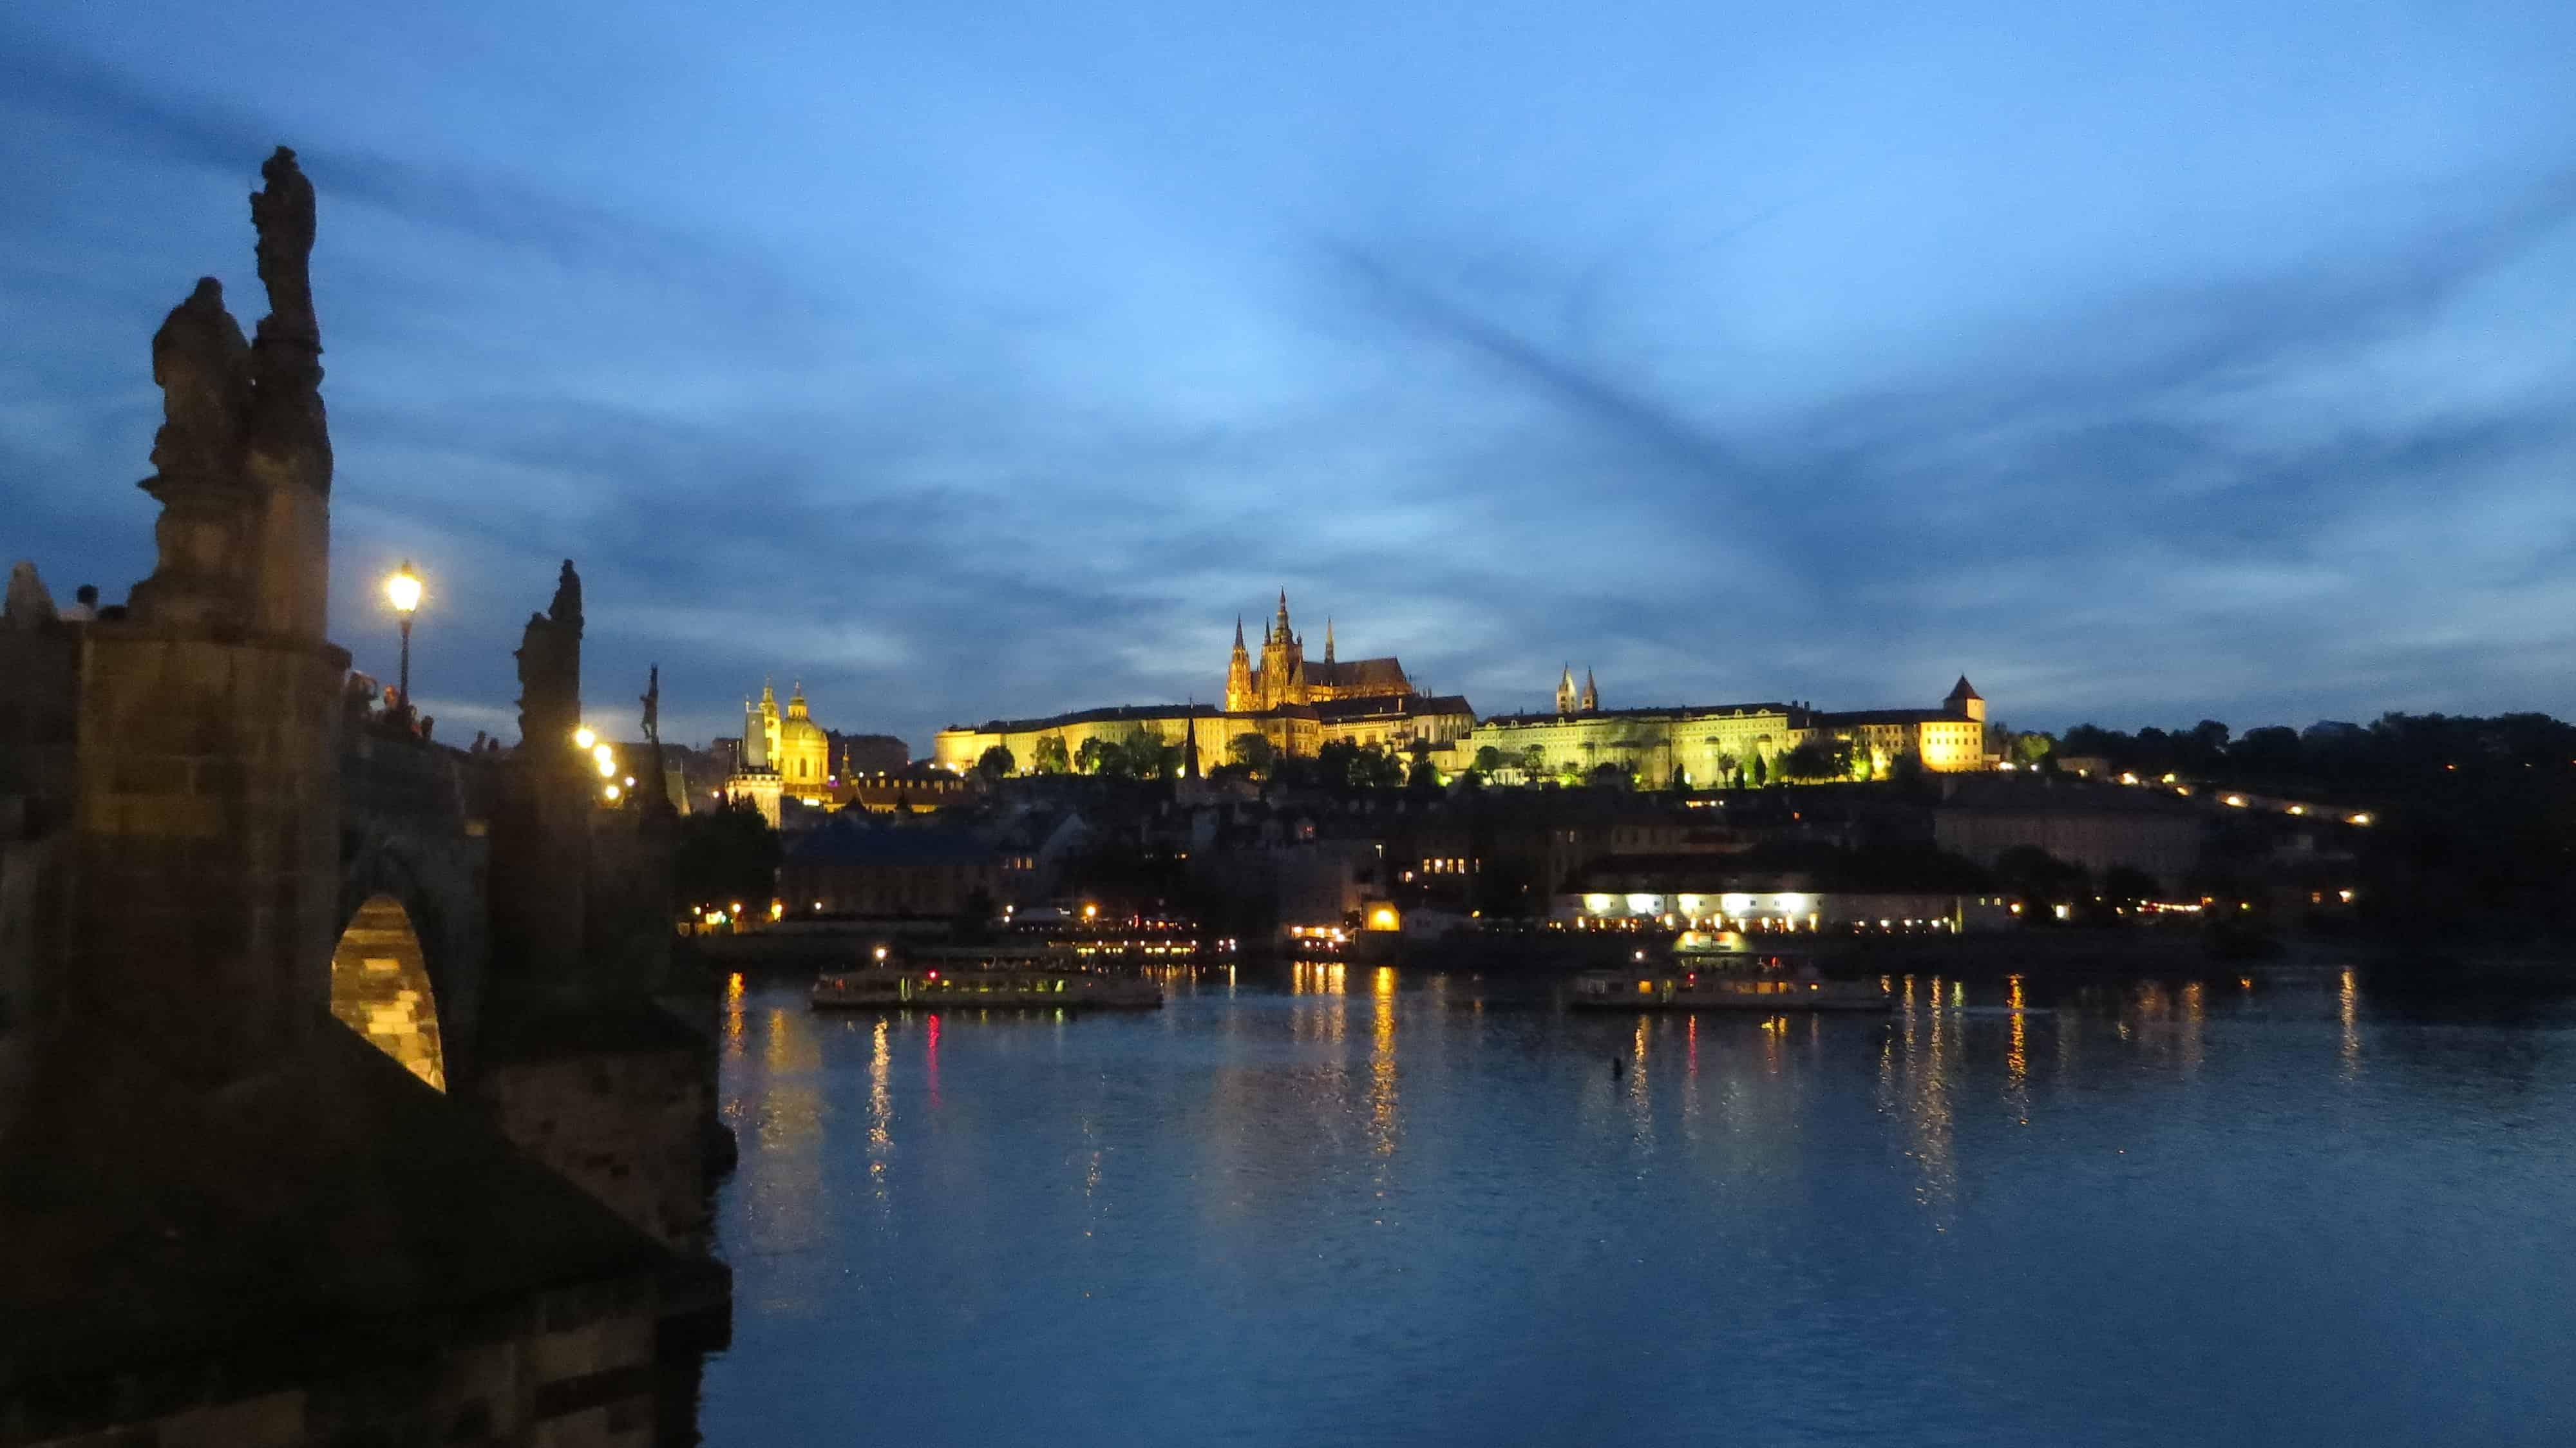 00_Citytrip-Prag-Prager-Burg-Nacht-Tschechien